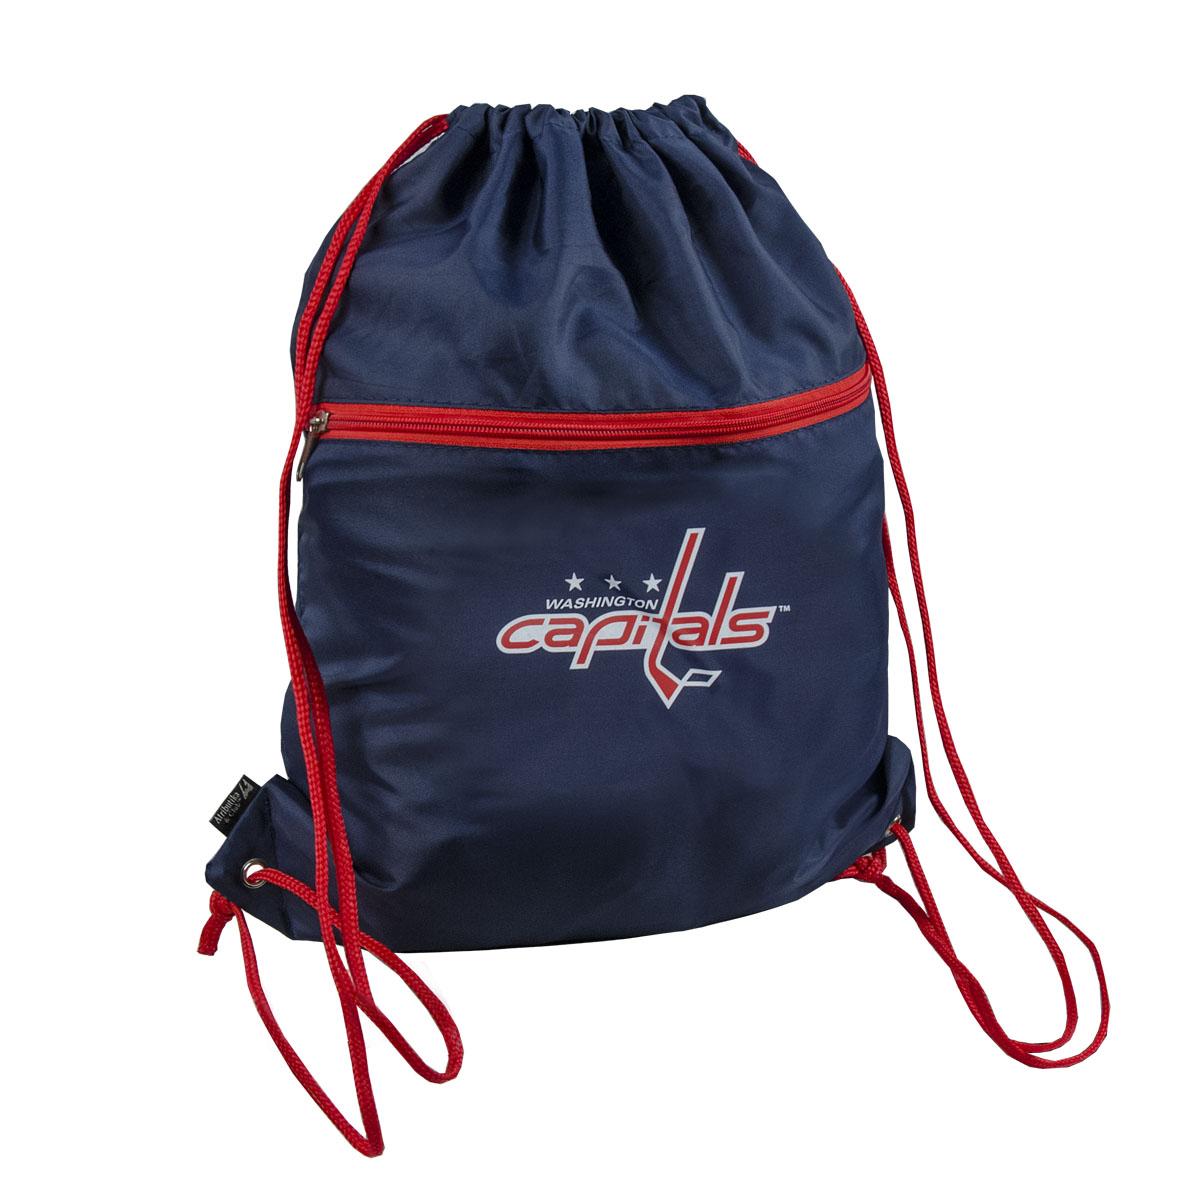 """Мешок на шнурке NHL """"Capitals"""" выполнен из 100% полиэстера. Он выполняет функции рюкзака, благодаря плечевым лямкам, которые надежно фиксируют изделие у его верхнего основания. Мешок имеет 2 отделения, одно из которых закрывается на молнию. Украшен эмблемой хоккейной команды Capitals."""